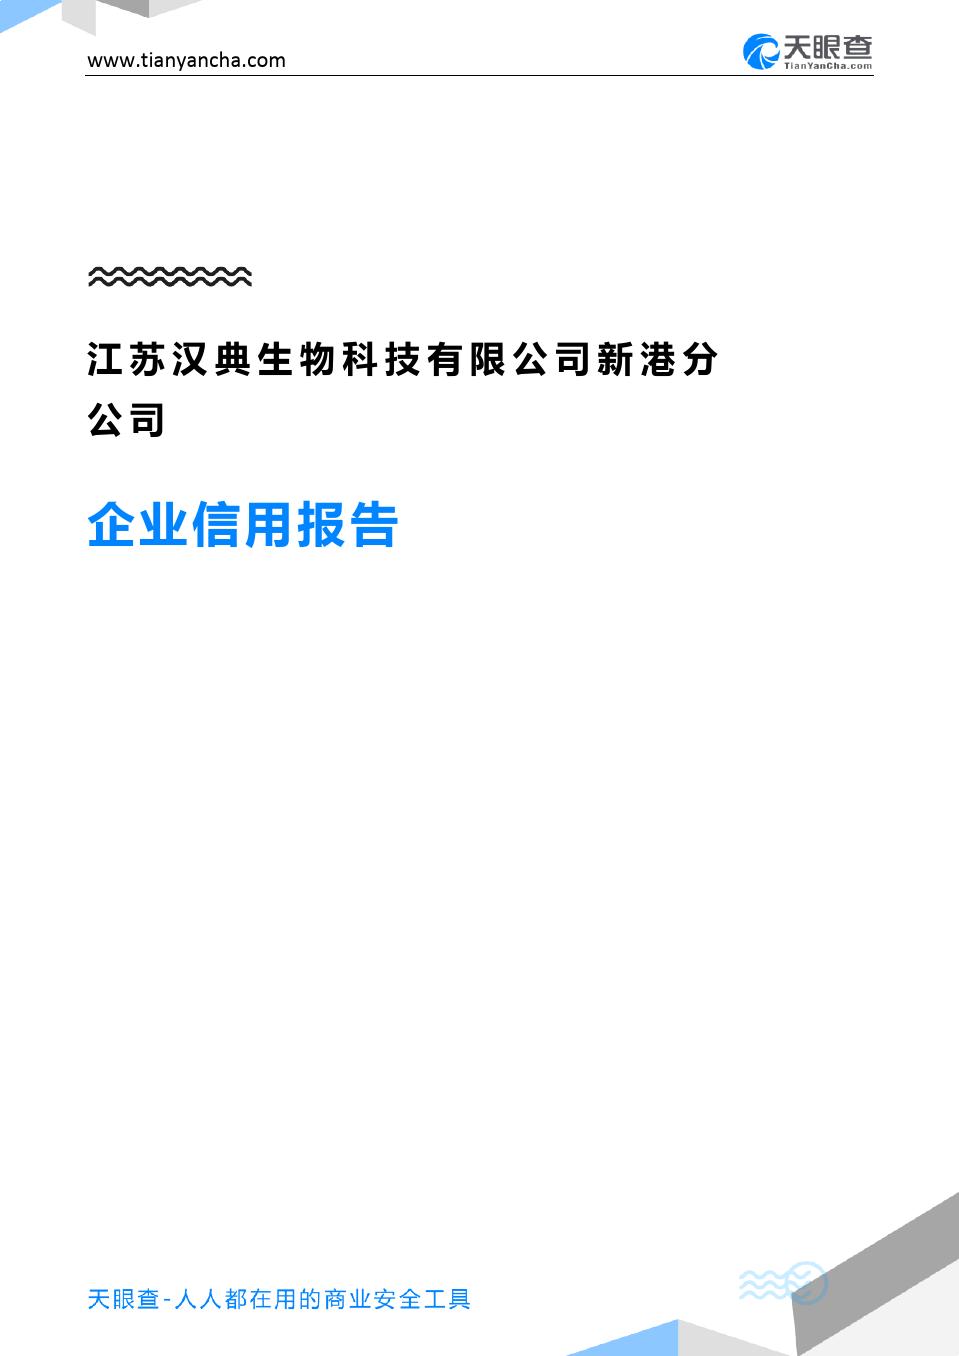 江苏汉典生物科技有限公司新港分公司企业信用报告-天眼查